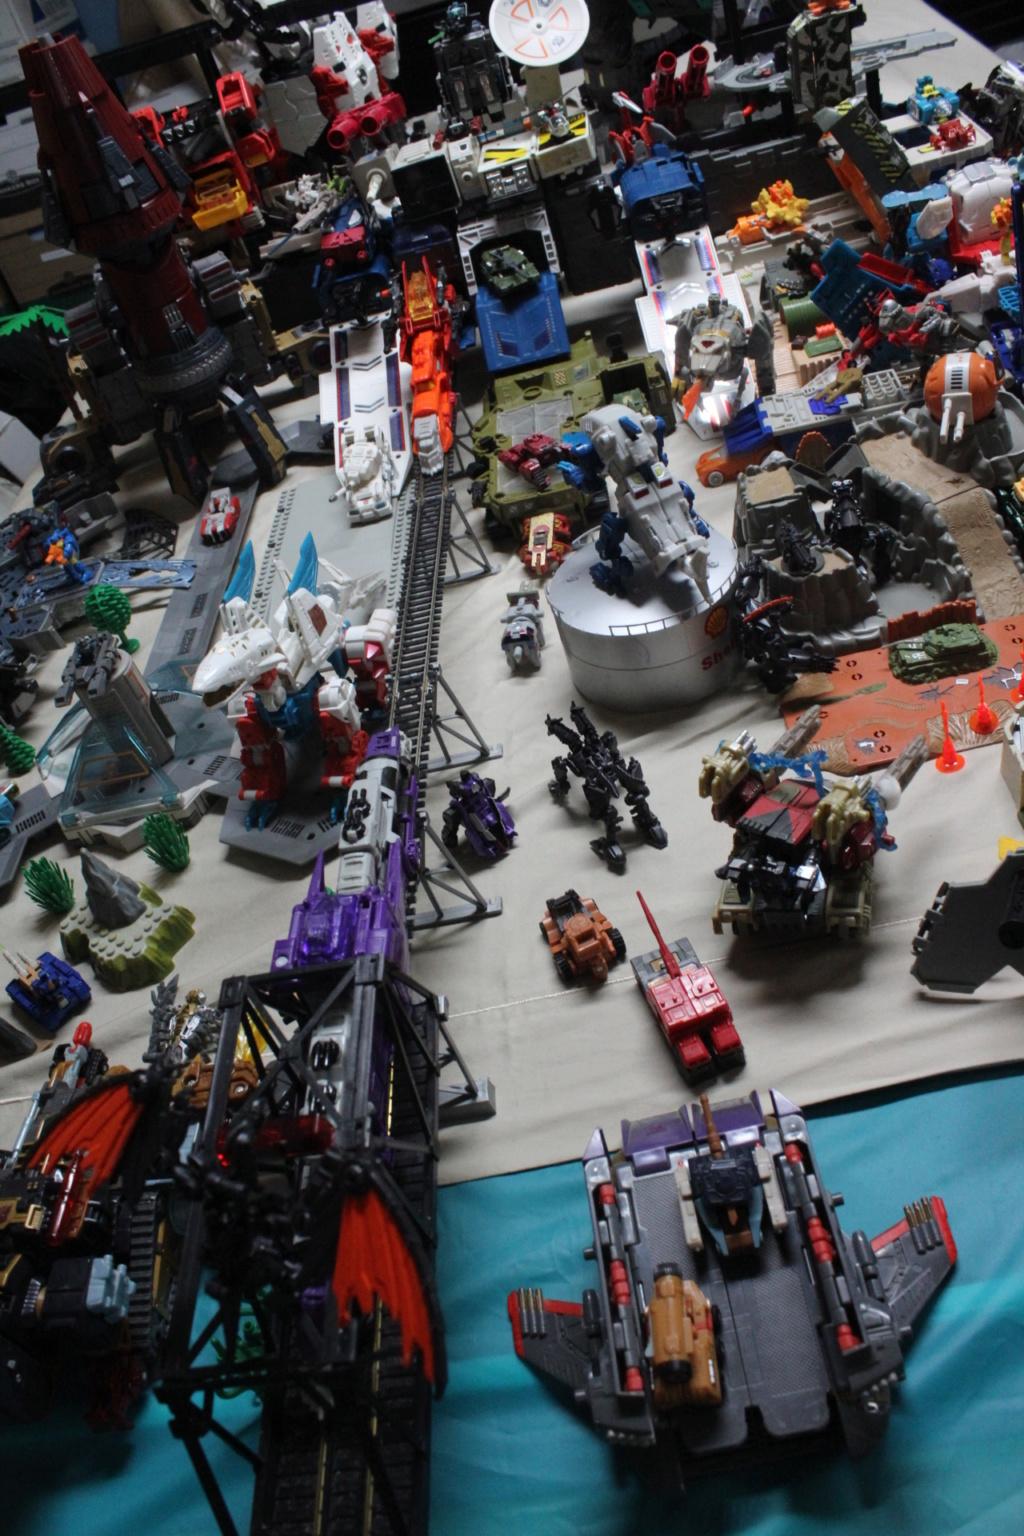 Guerres Transformers! Montrez-moi vos batailles et guerres épiques en photo ici. - Page 8 Img_5910